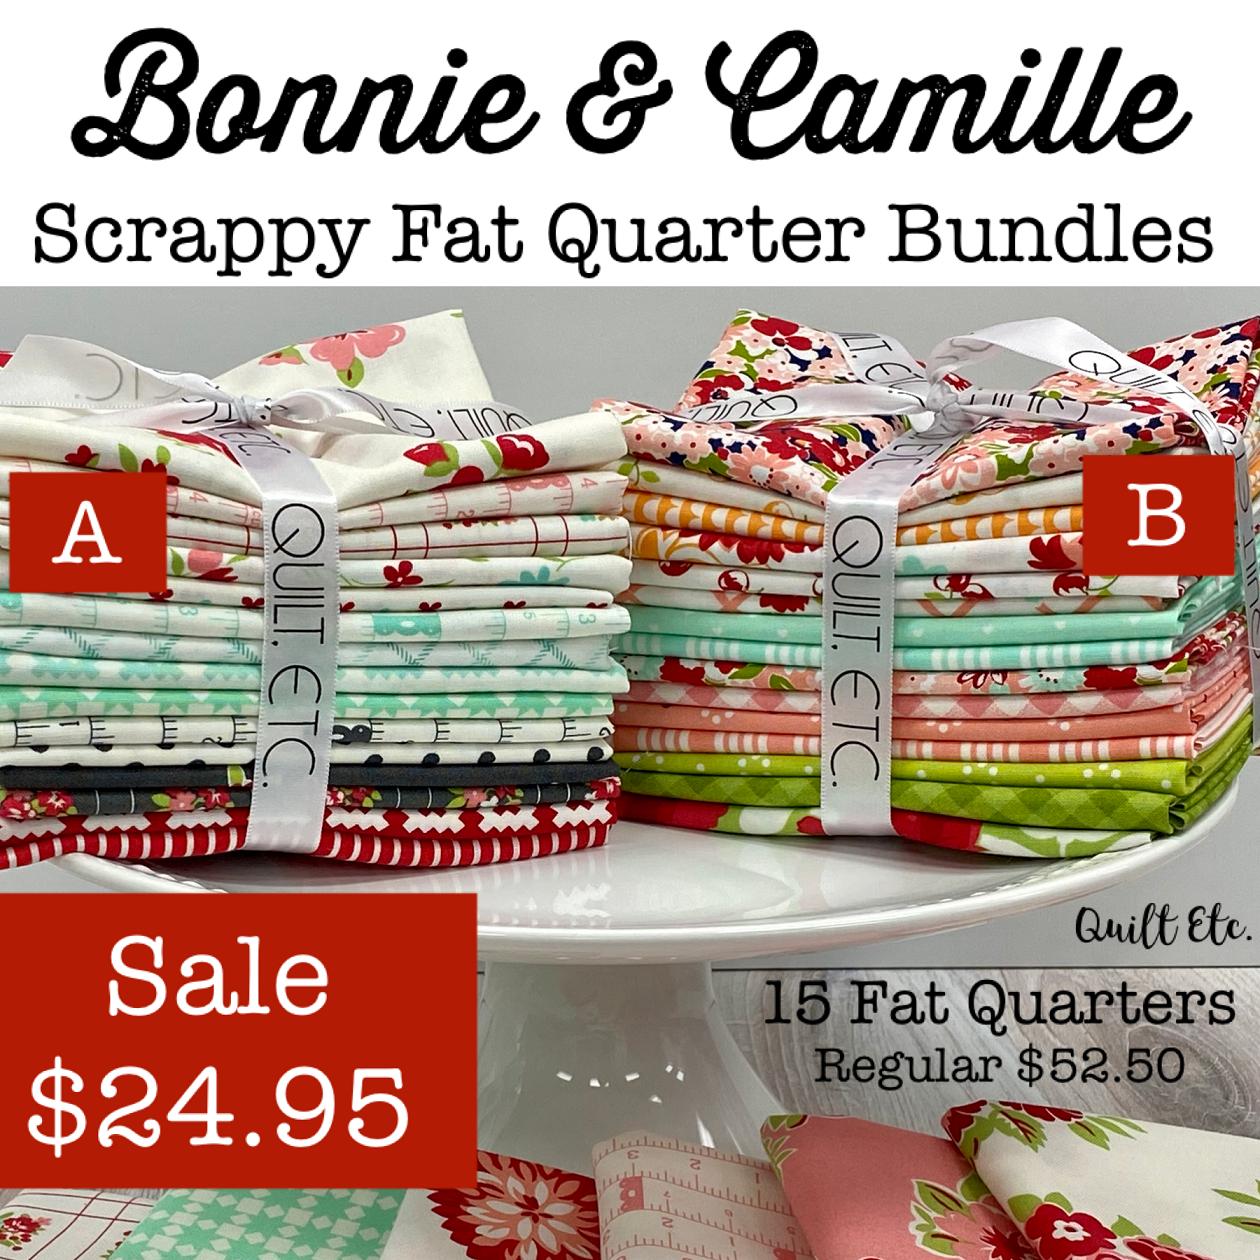 Bonnie & Camille Scrappy Fat Quarter Bundles